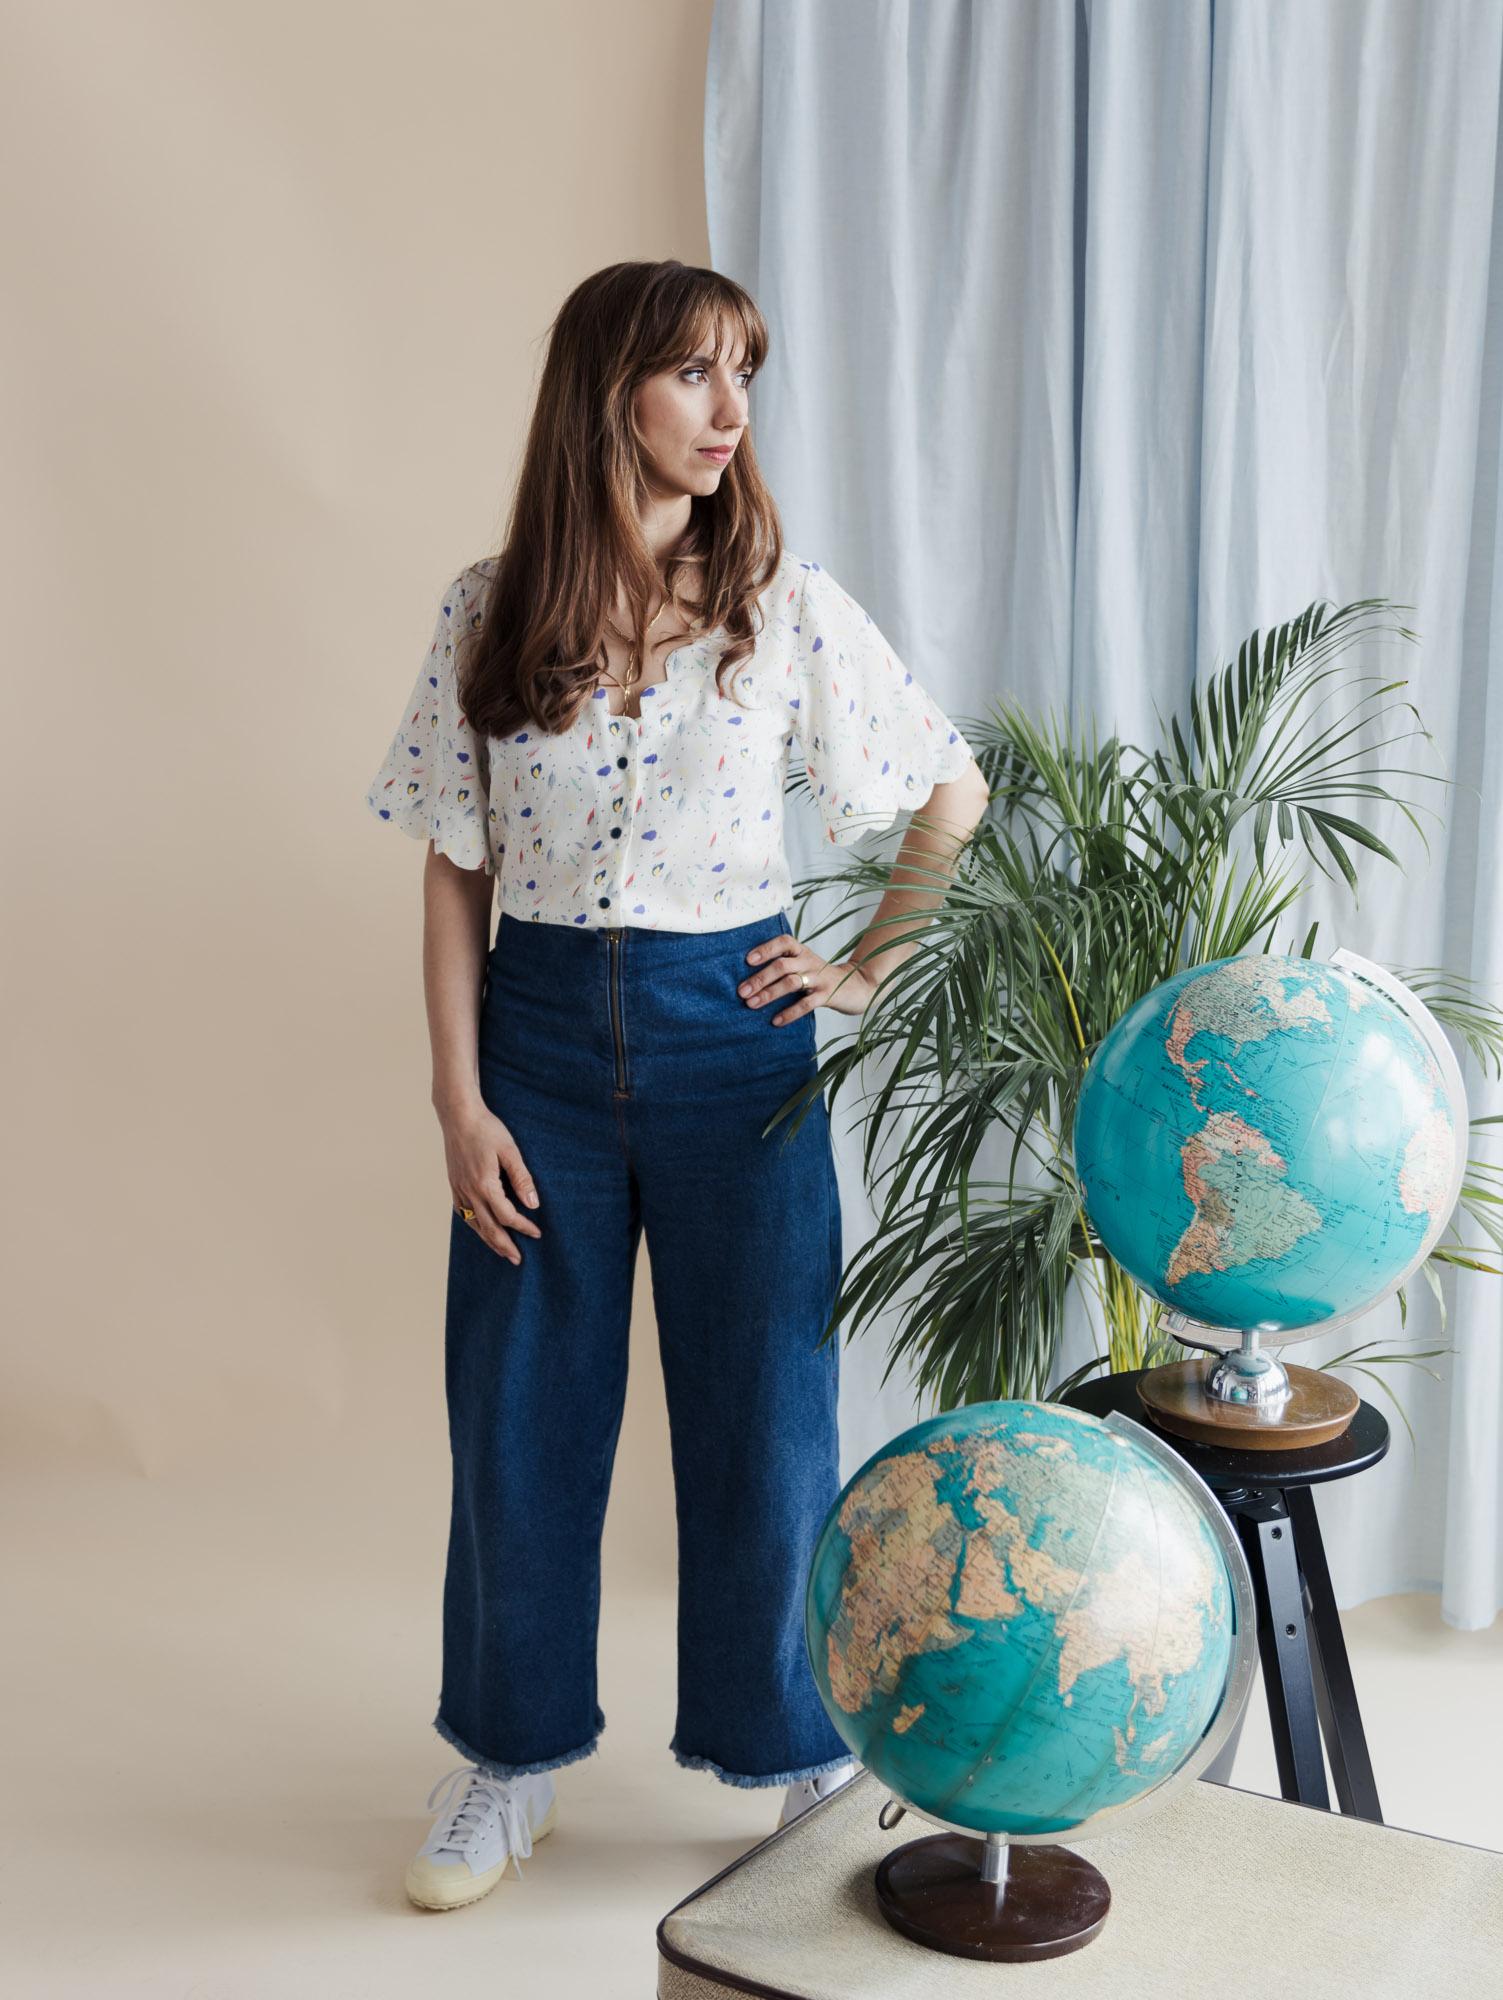 Schnittmuster Bluse Escapade mit V-Ausschnitt und Bogenkante kombiniert mit Lola High Waist Jeans - Schnittduett